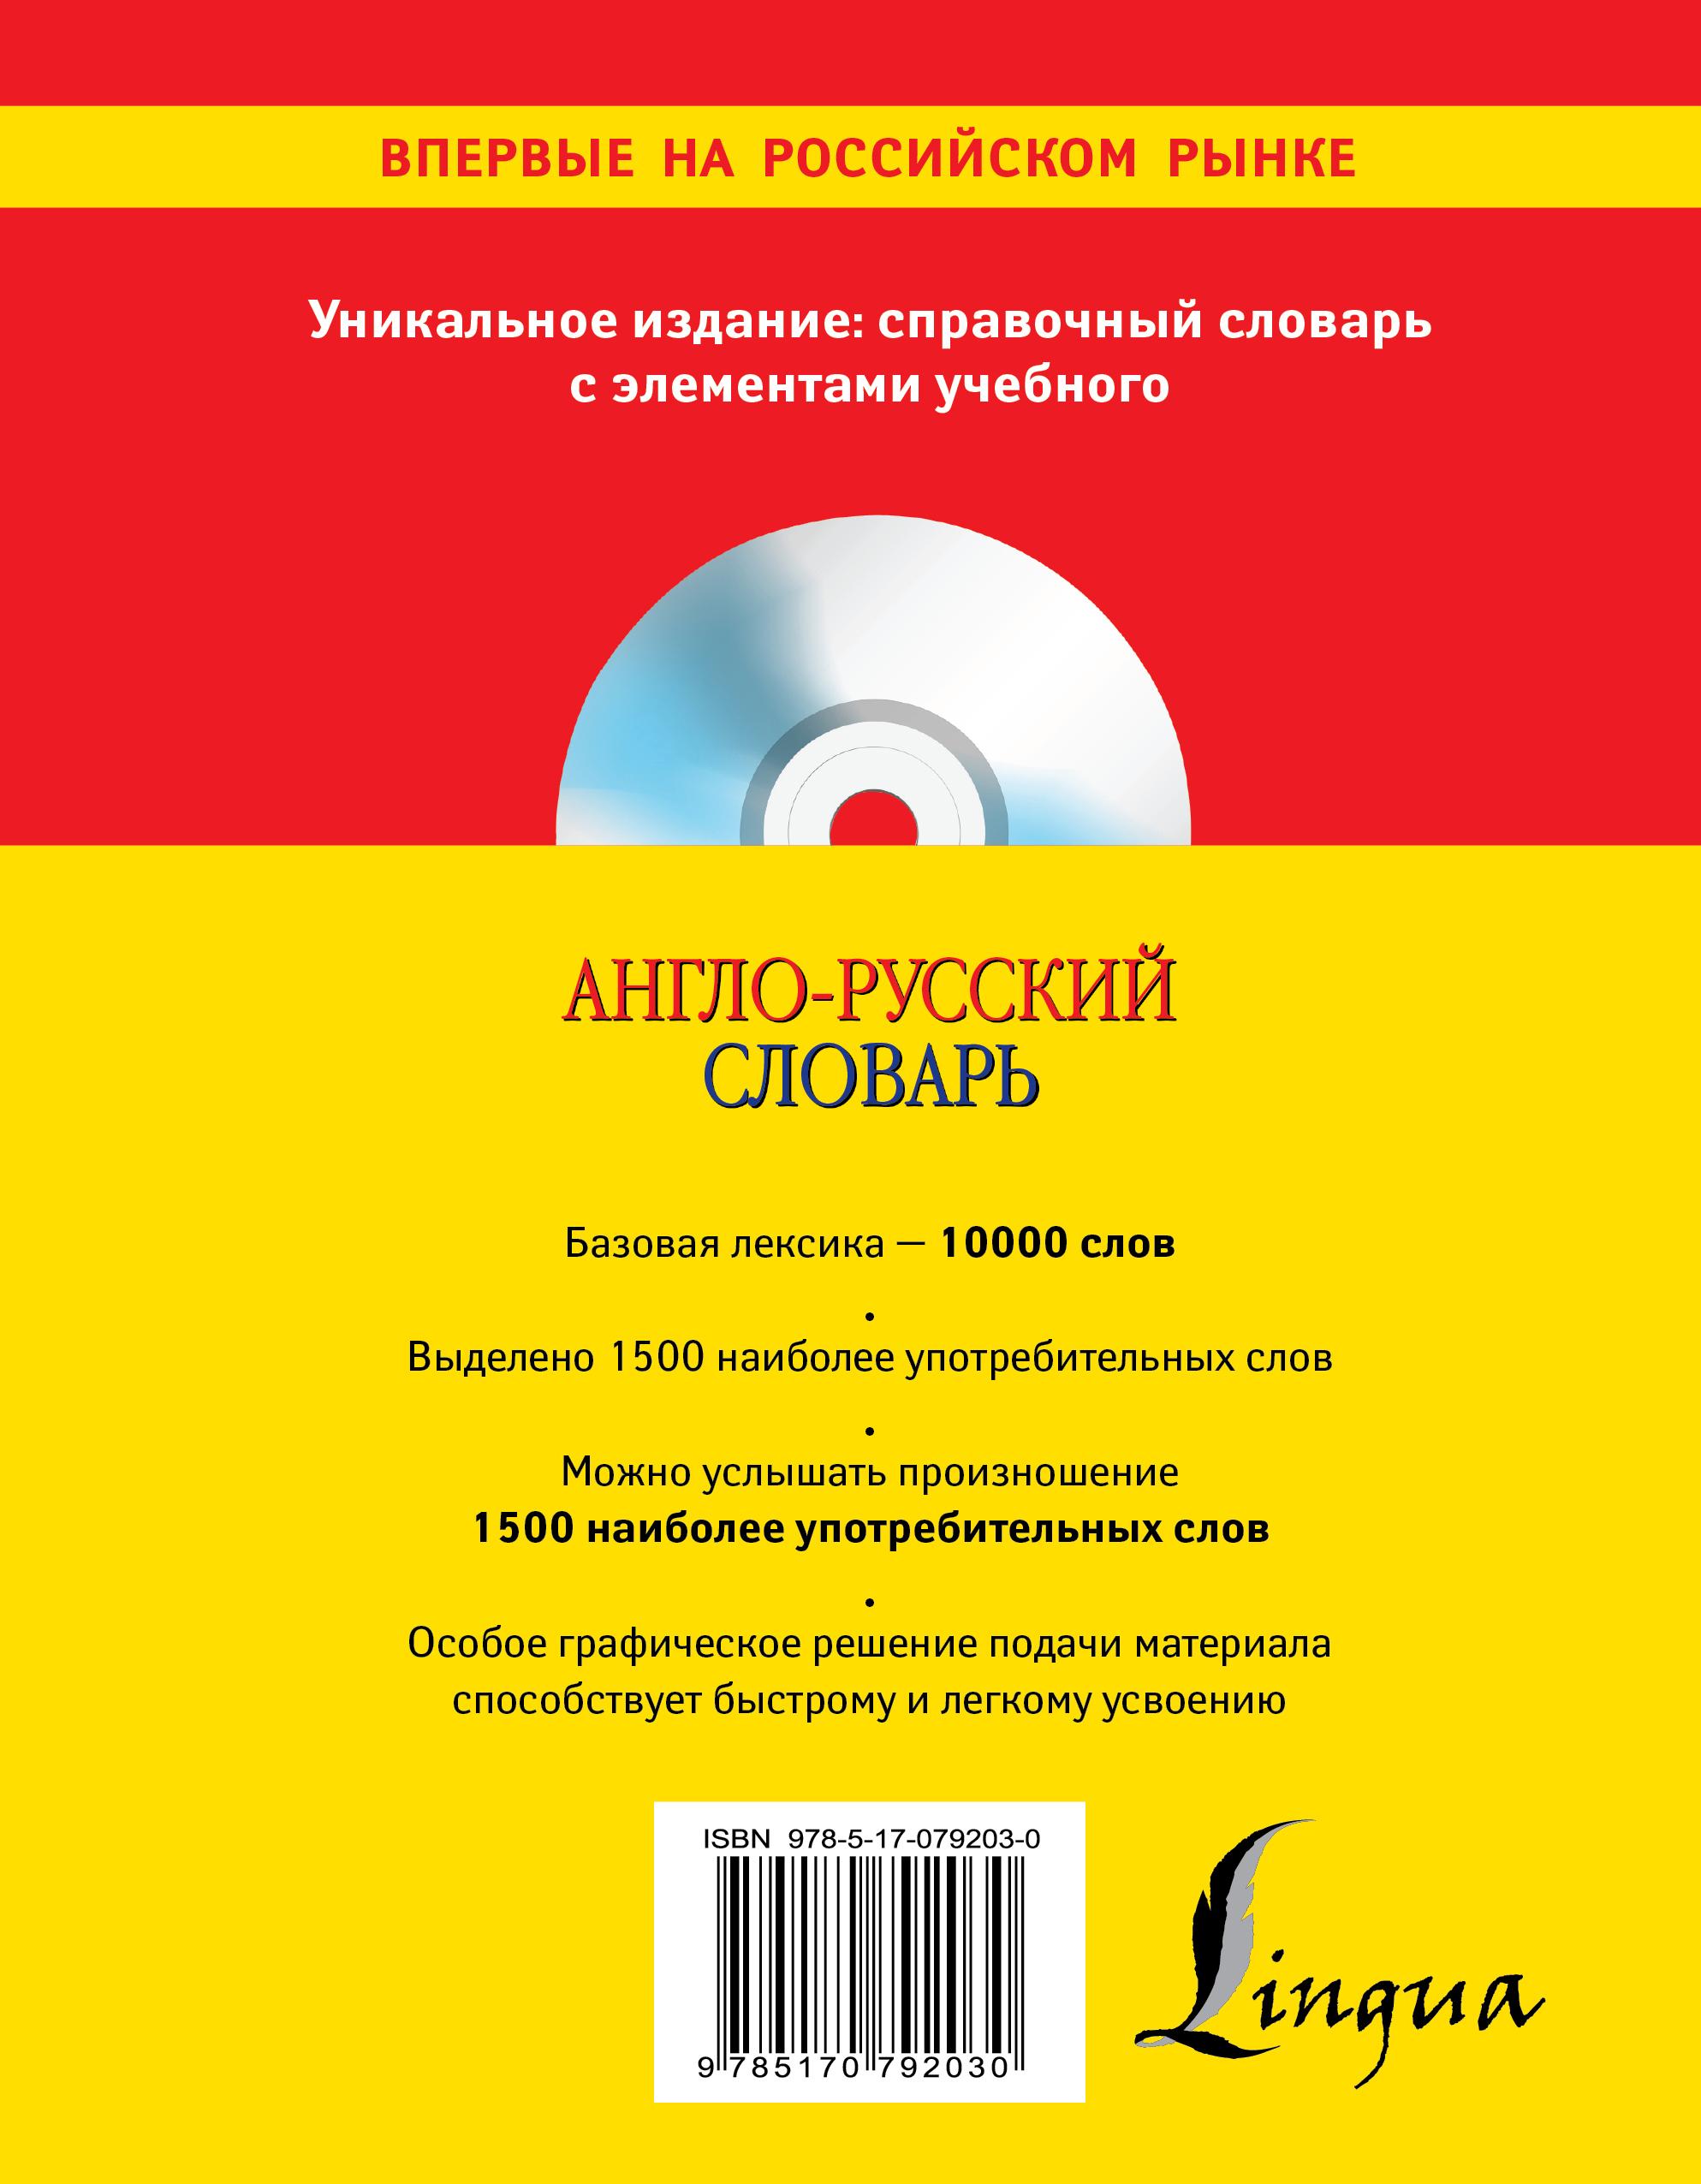 АНГЛО-РУССКИЙ АУДИОСЛОВАРЬ MP3 СКАЧАТЬ БЕСПЛАТНО